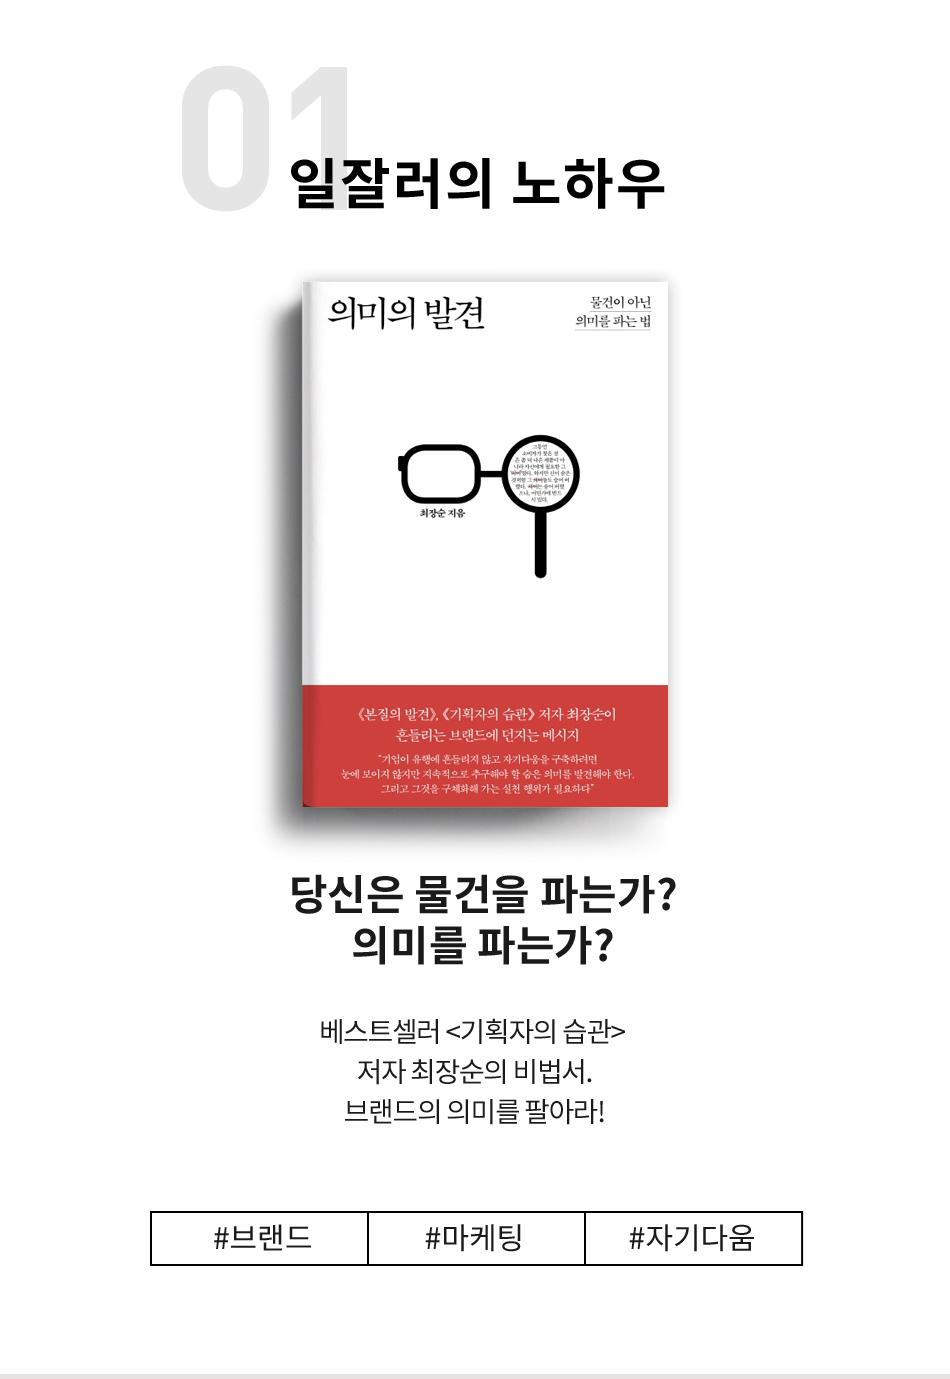 [1] 당신은 물건을 파는가? 의미를 파는가? 베스트셀러 <기획자의 습관> 저자 최장순의 비법서. 브랜드의 의미를 팔아라! #브랜드 #마케팅 #자기다움